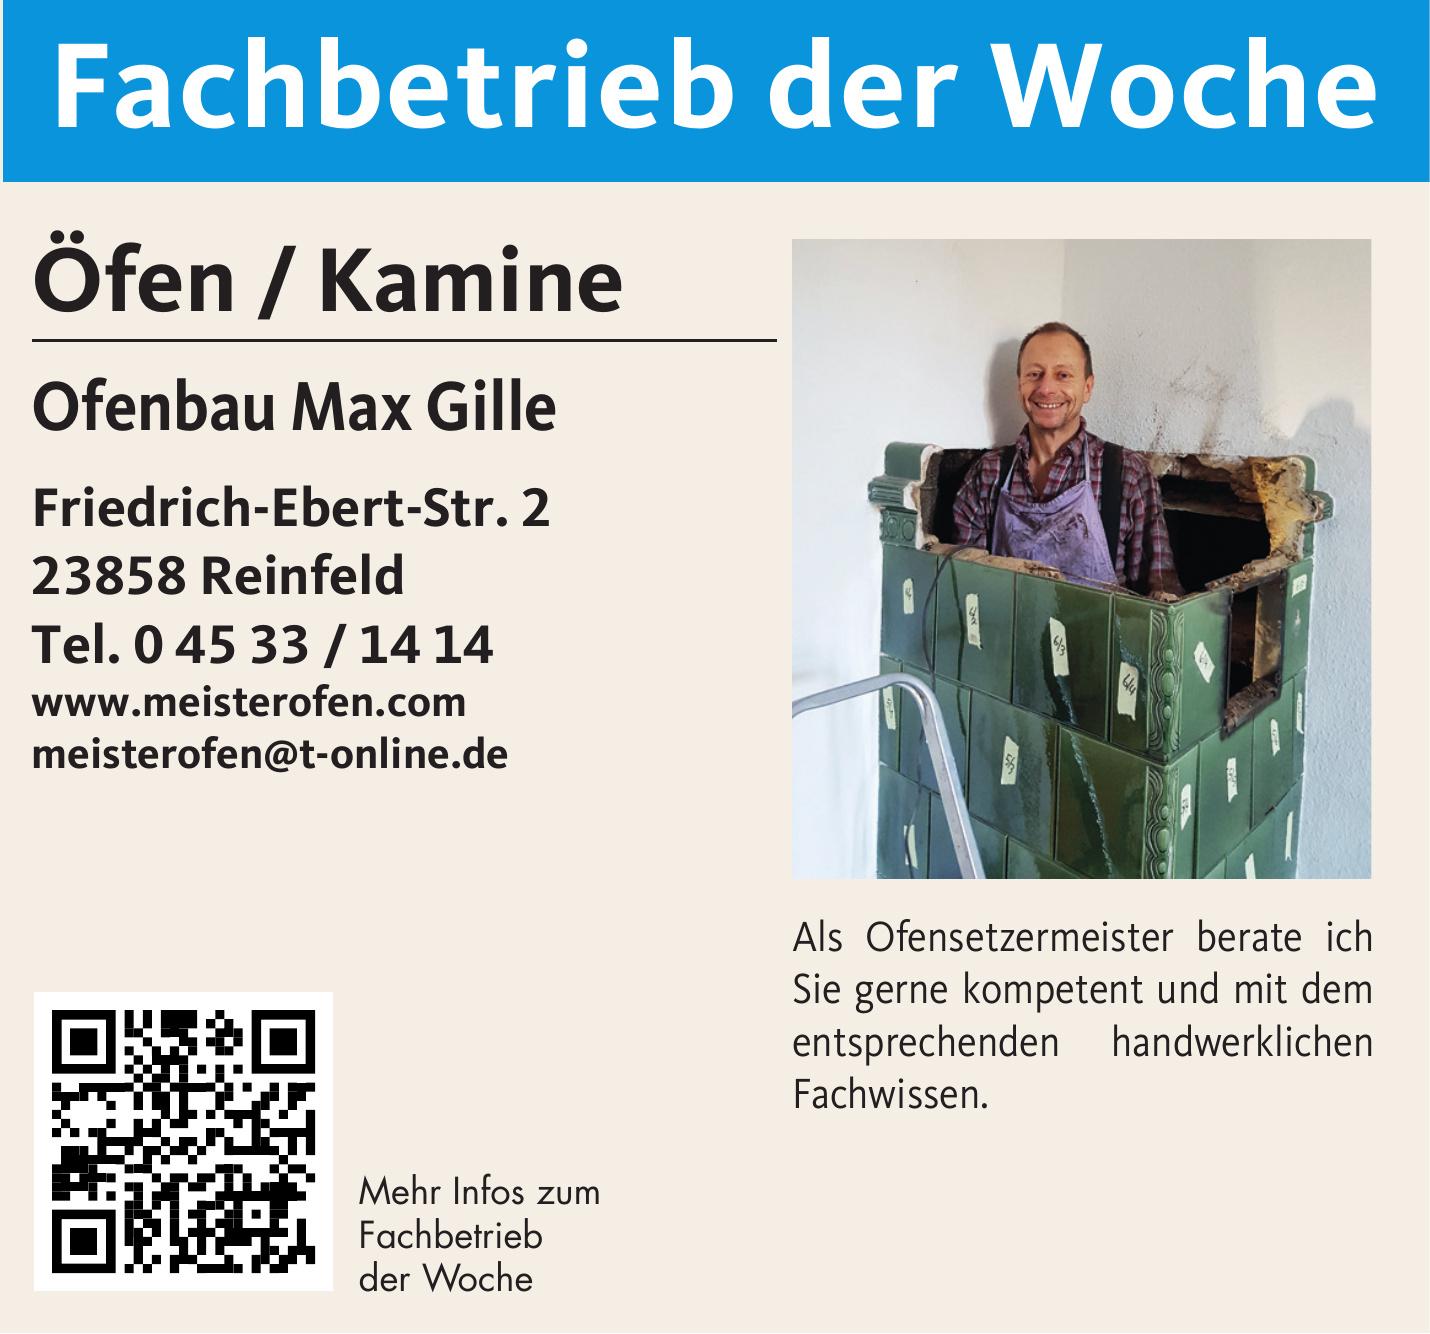 Ofenbau Max Gille